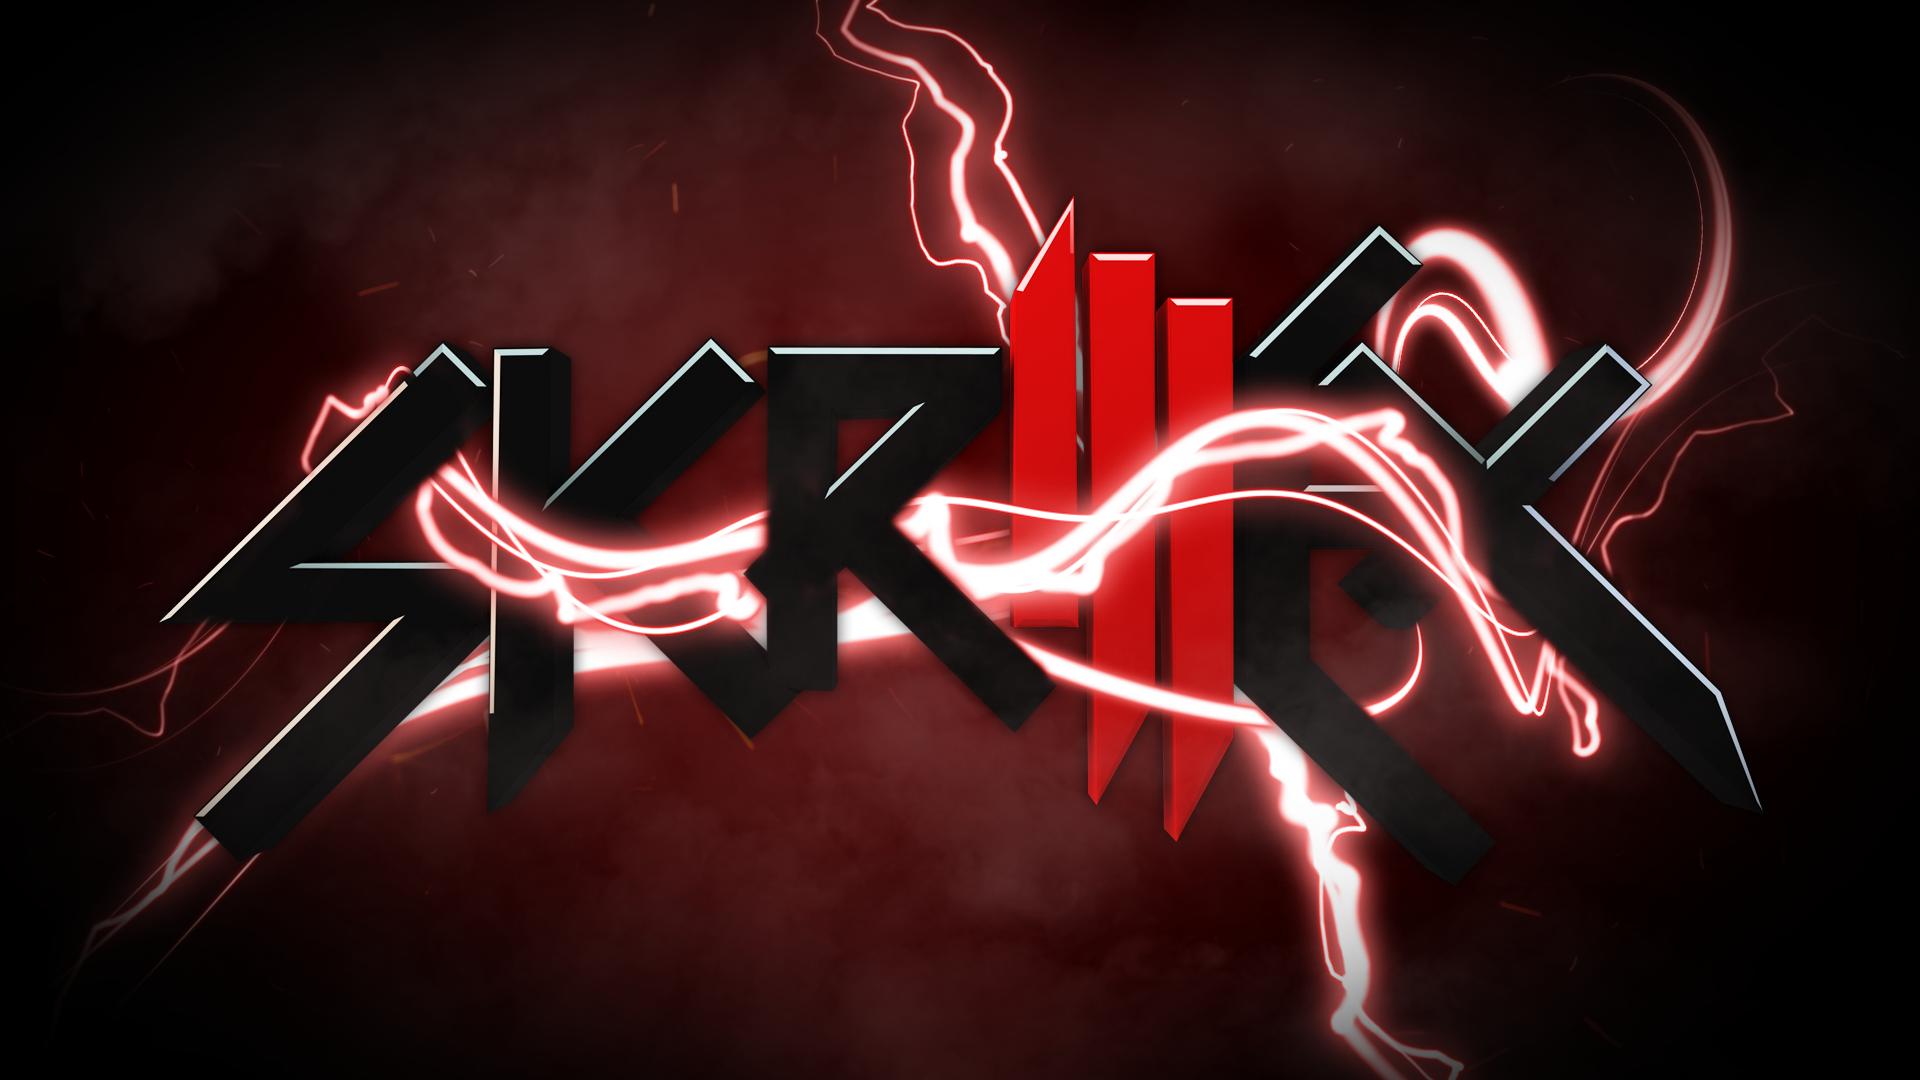 Red Skrillex Wallpaper 9-6-11 by xRi5iNG on DeviantArt